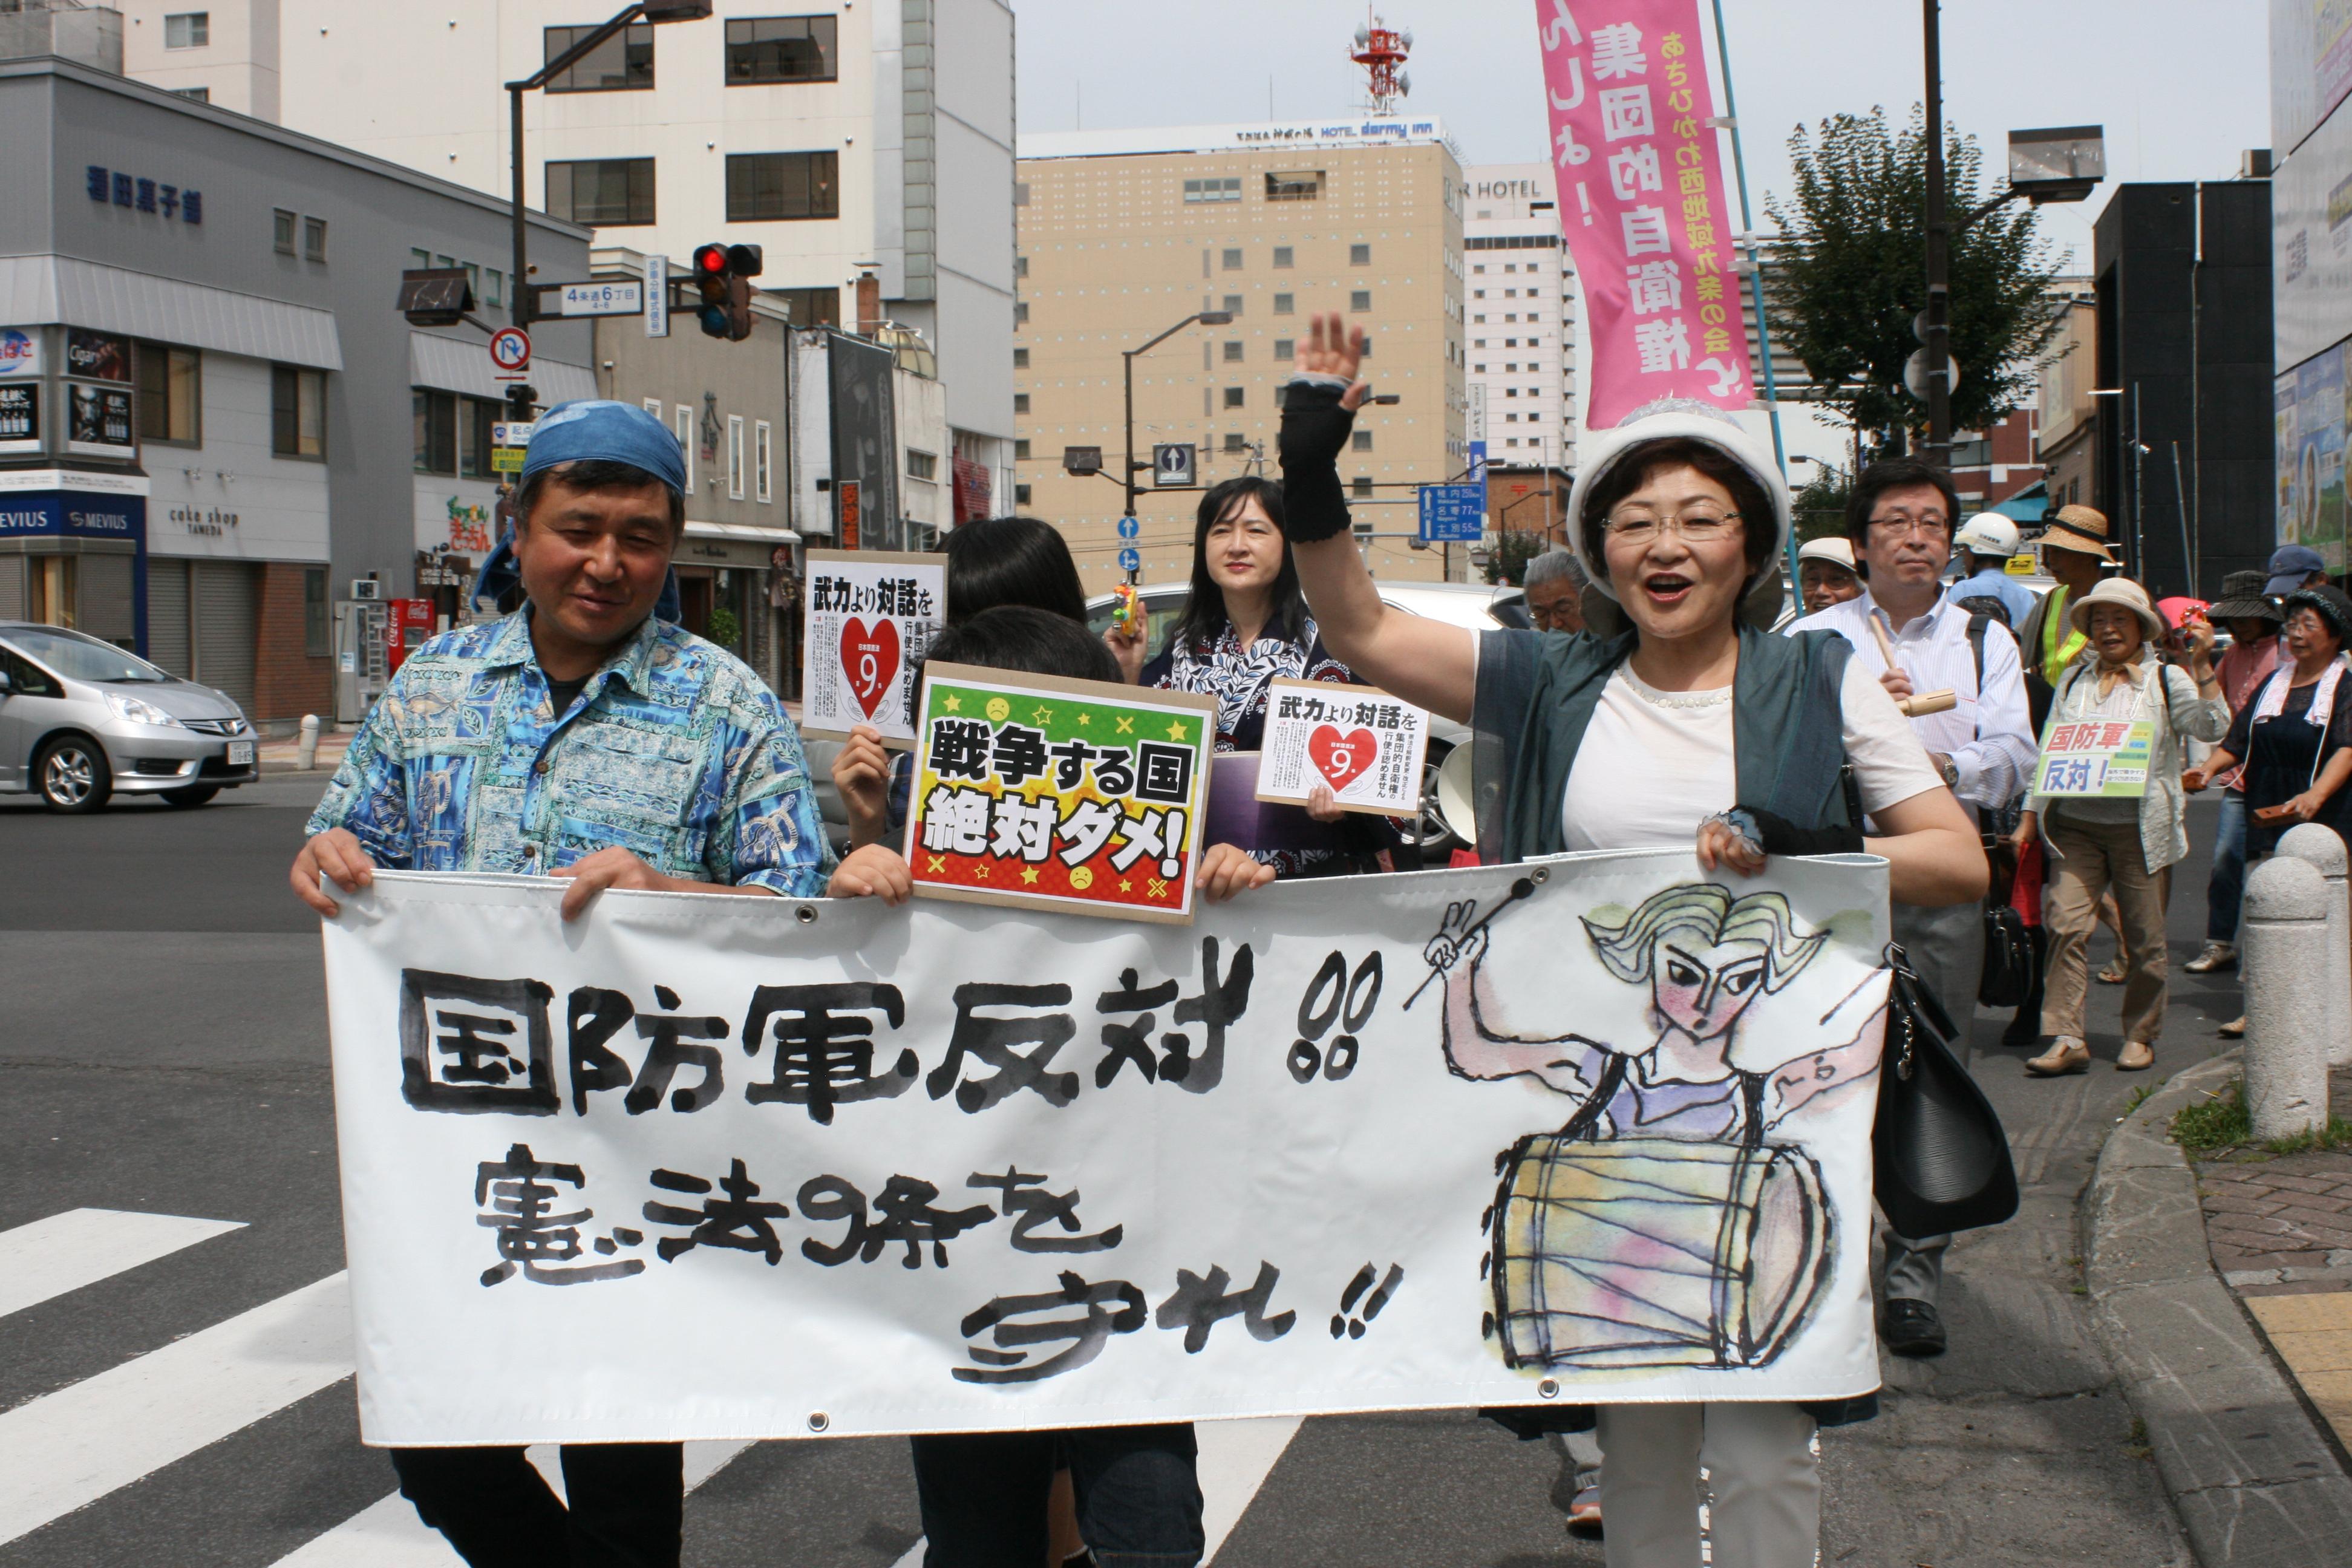 あさひかわ西地域九条の会ブログ【2014年8月15日】国防軍反対サウンドデモ@旭川。打楽器や鈴などを鳴らしながら「集団的自衛権行使容認」の撤回を訴えて行進しました。